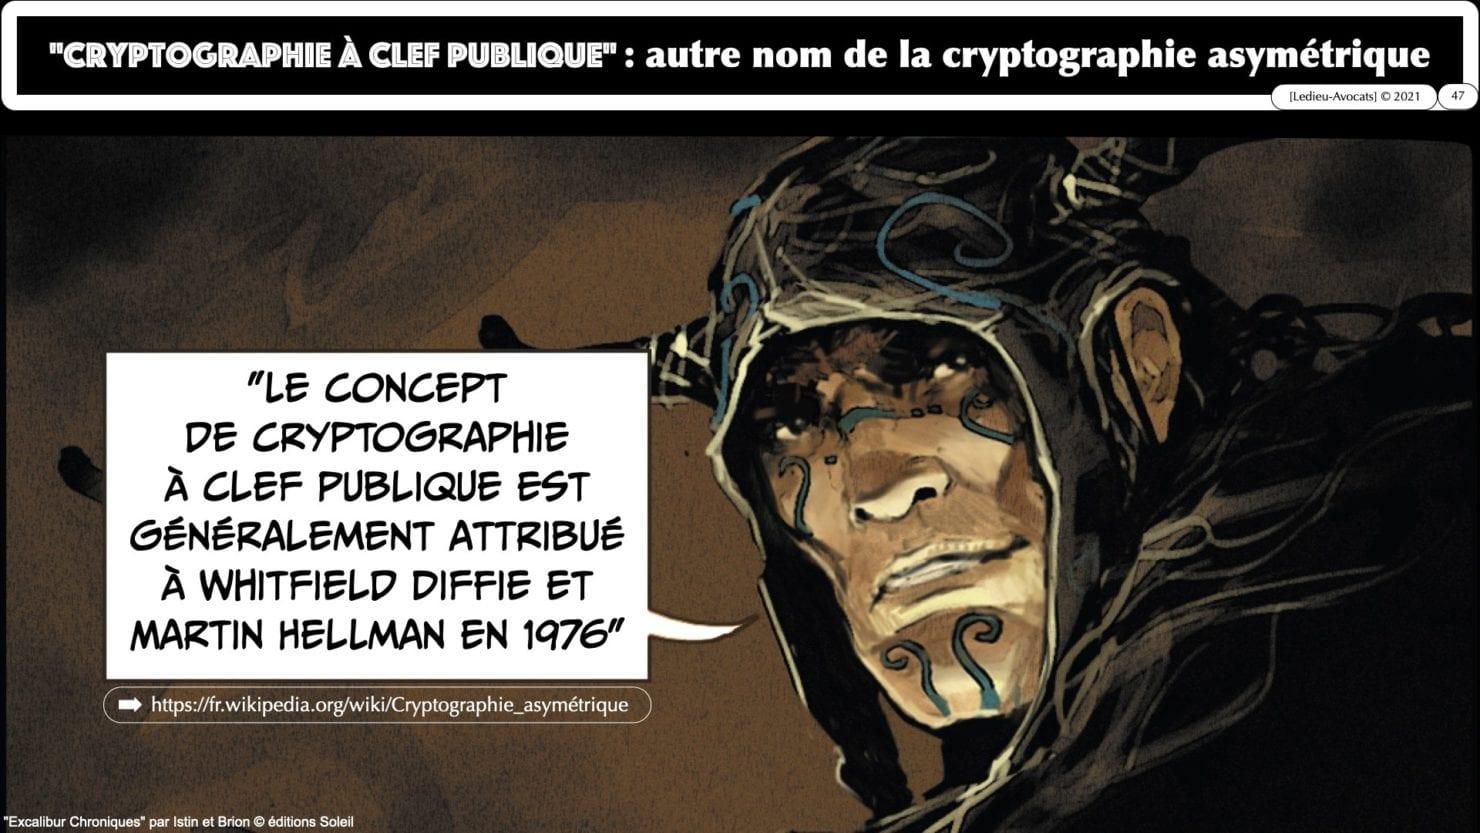 341 chiffrement cryptographie symetrique asymetrique hachage cryptographique TECHNIQUE JURIDIQUE © Ledieu-Avocat 05-07-2021.047